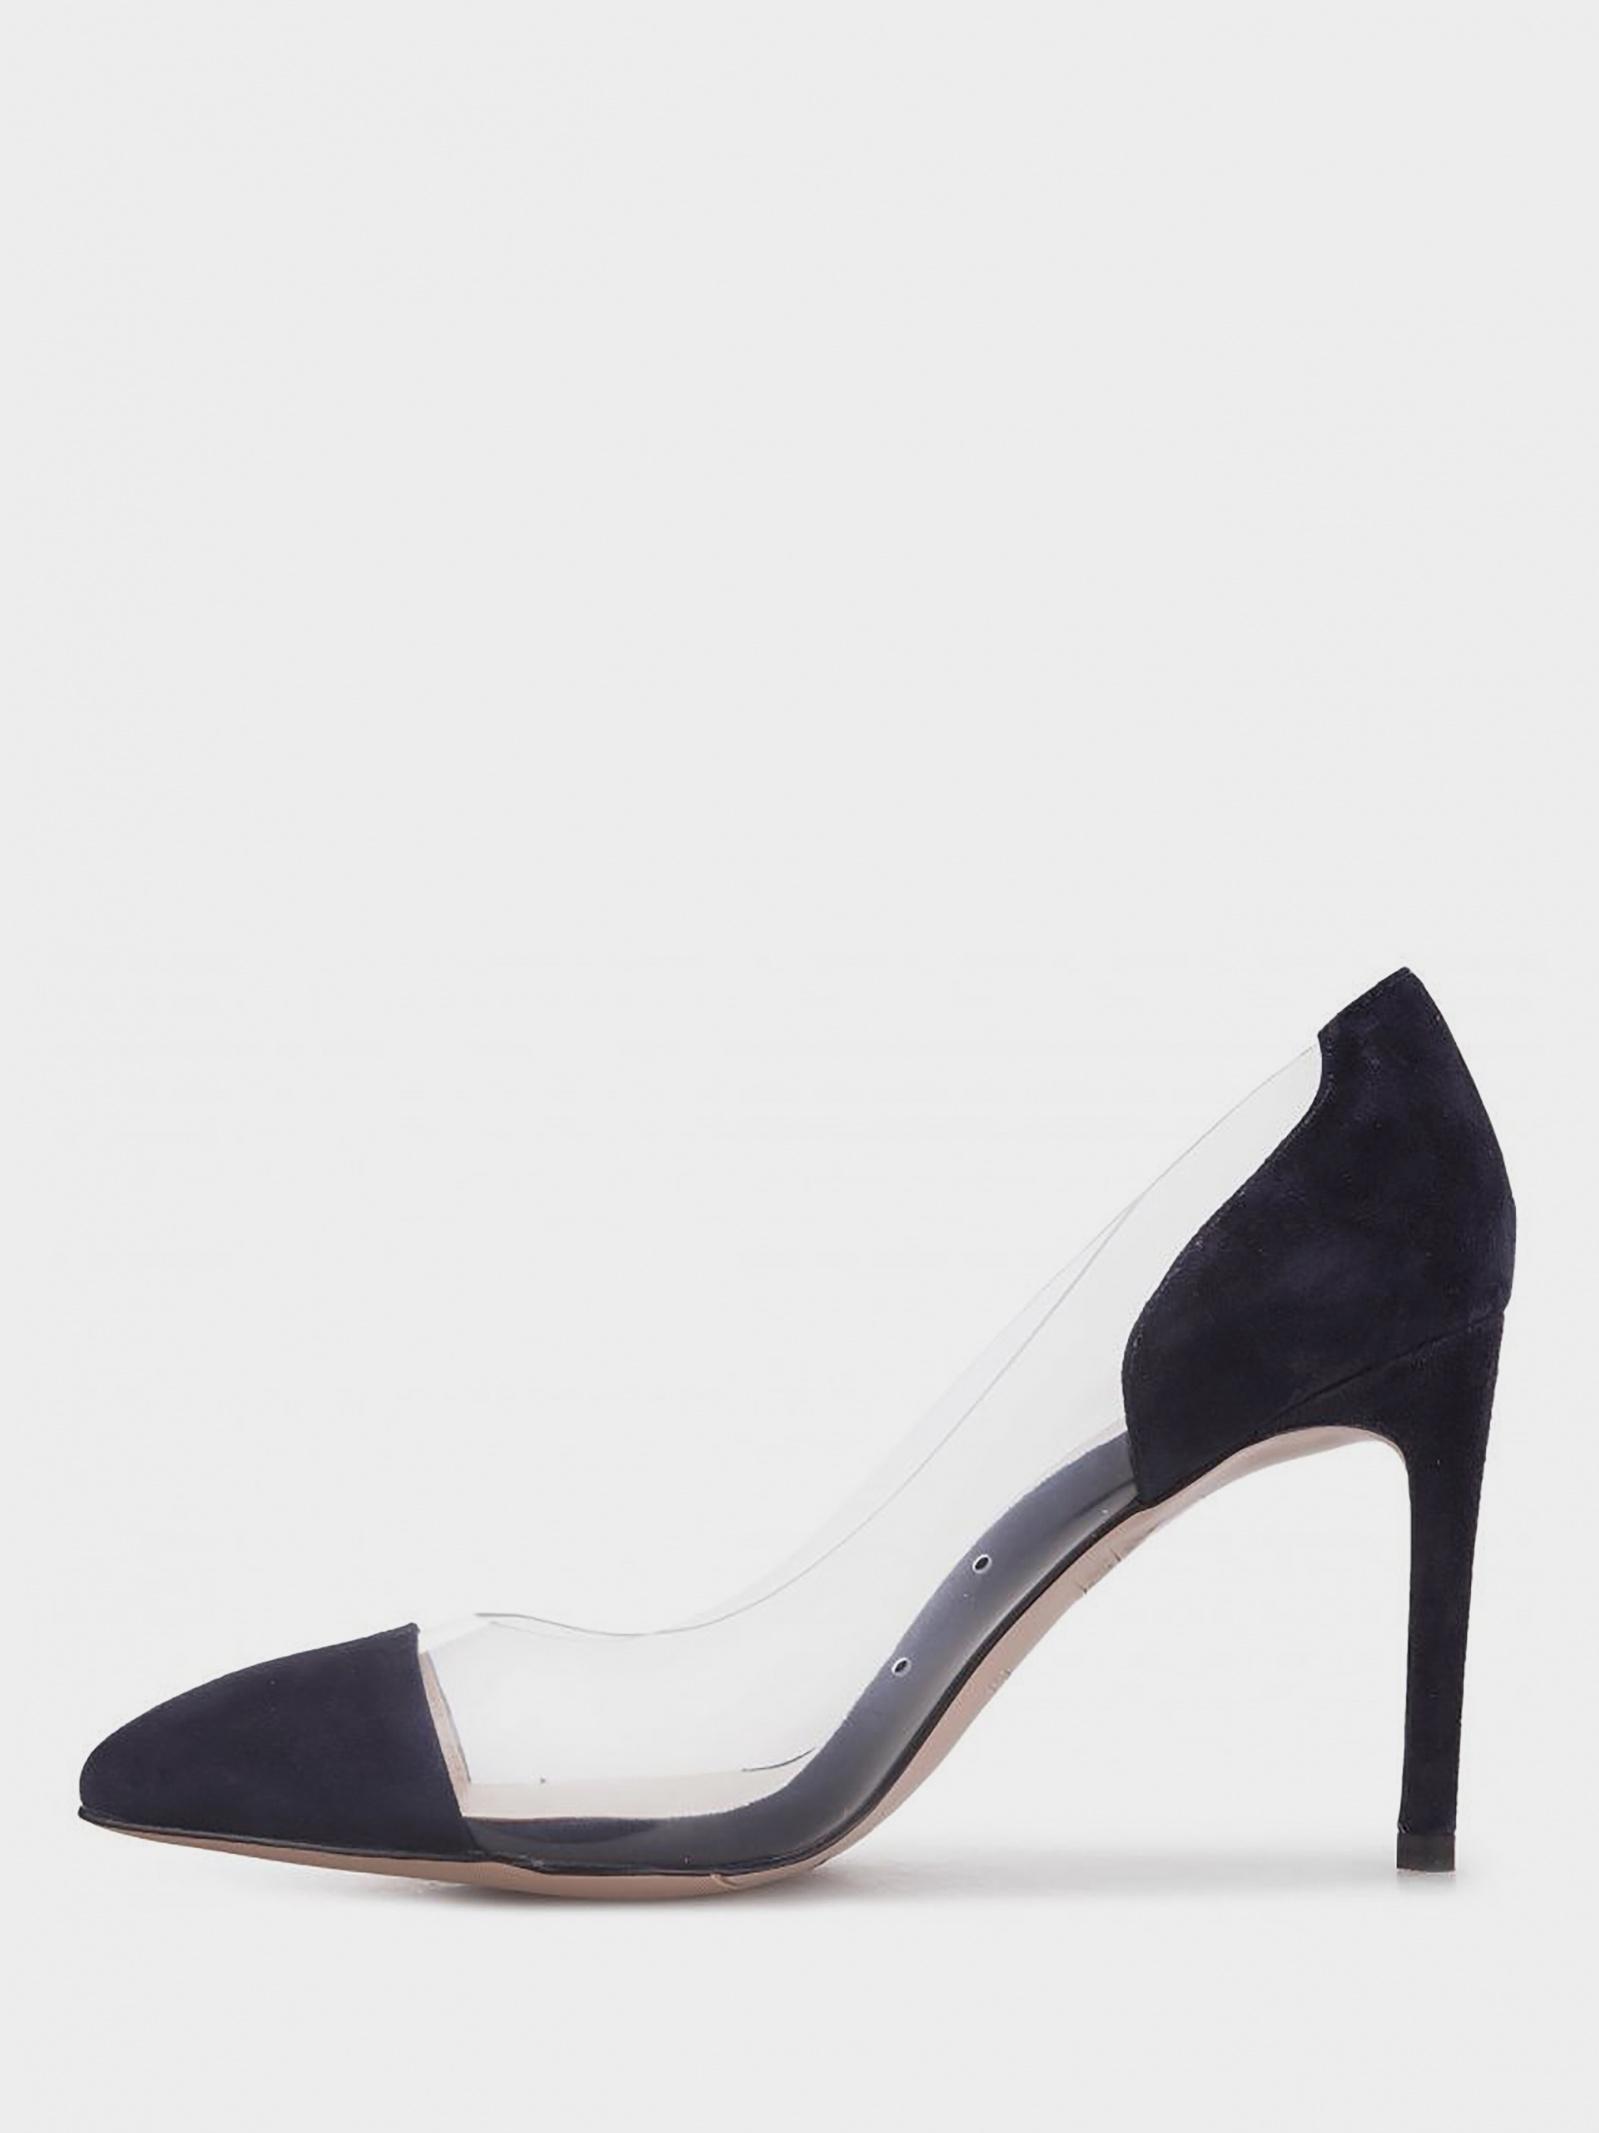 Туфлі  жіночі Braska туфлі жін.(36-41) 913-7020/201-085 фото, купити, 2017